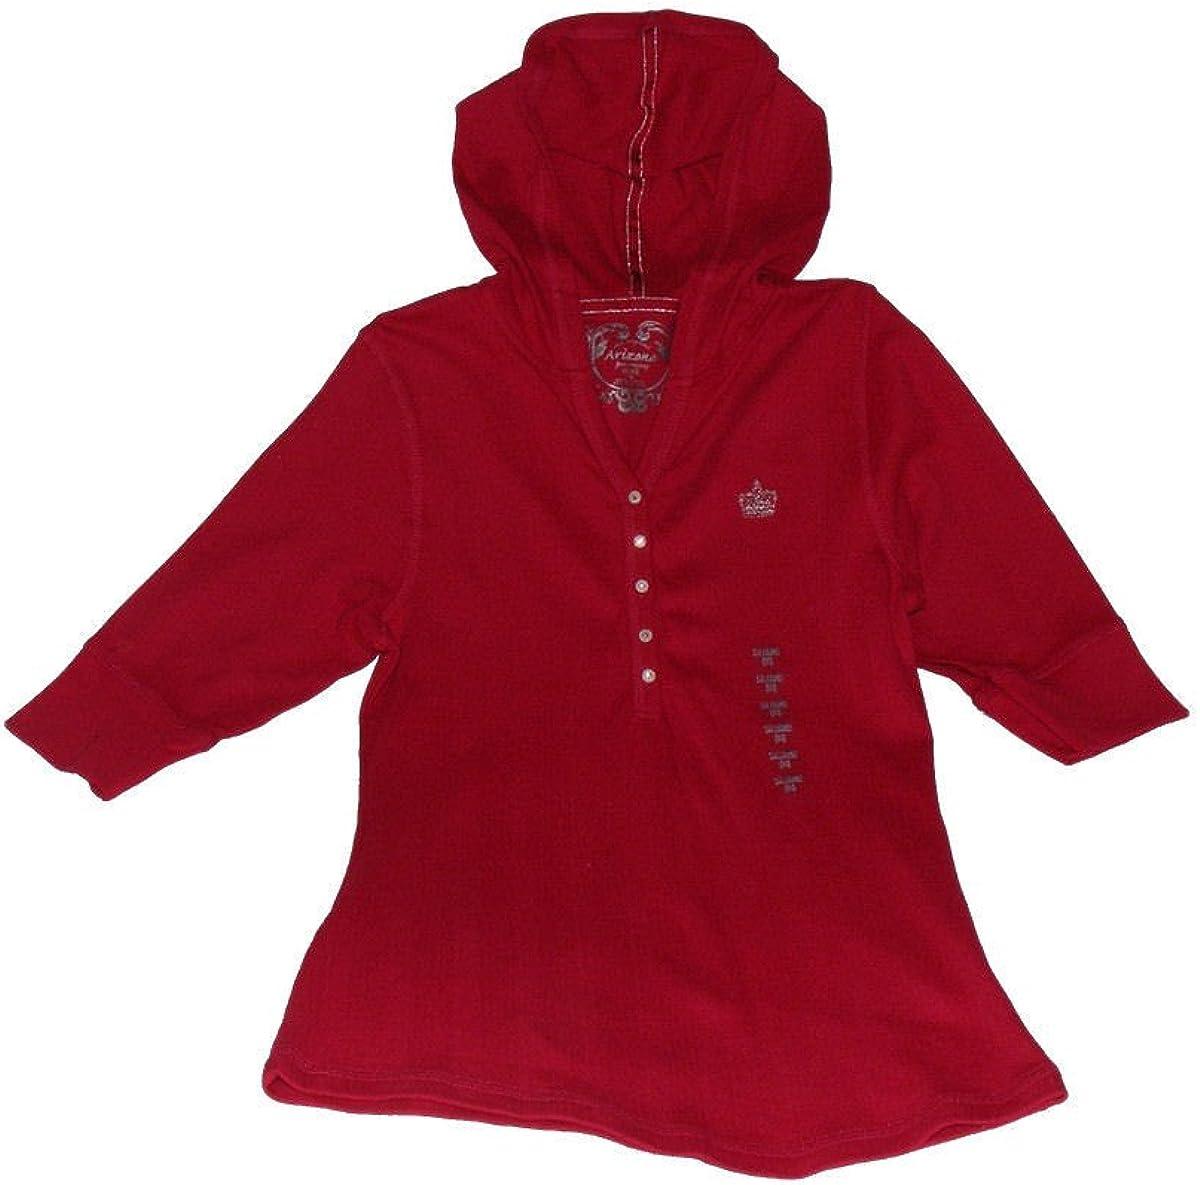 Kids Girls XL 18 3//4-Sleeves Hooded Top Dark Red AriZona